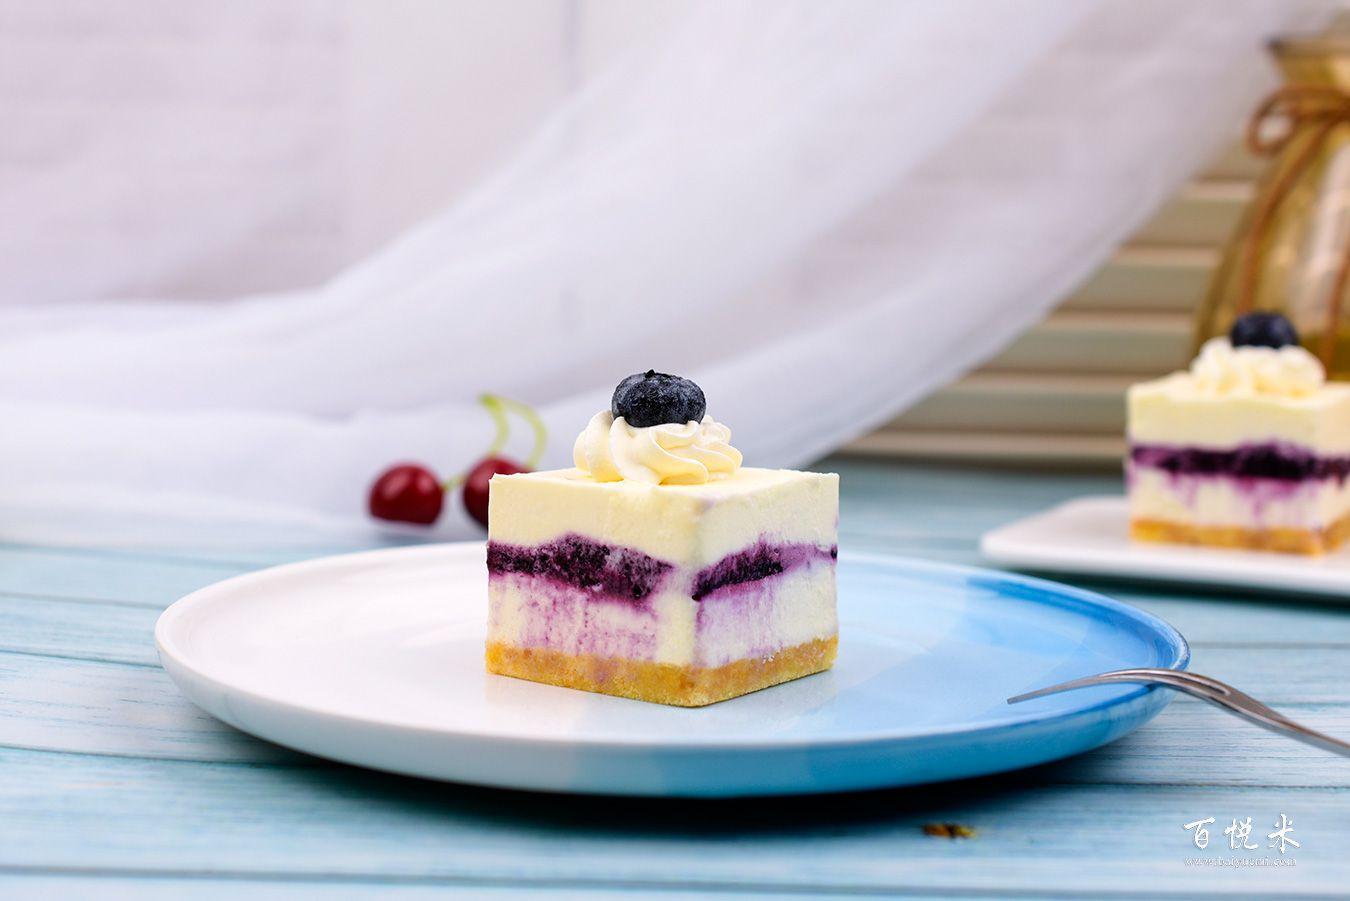 蓝莓芝士蛋糕高清图片大全【蛋糕图片】_369